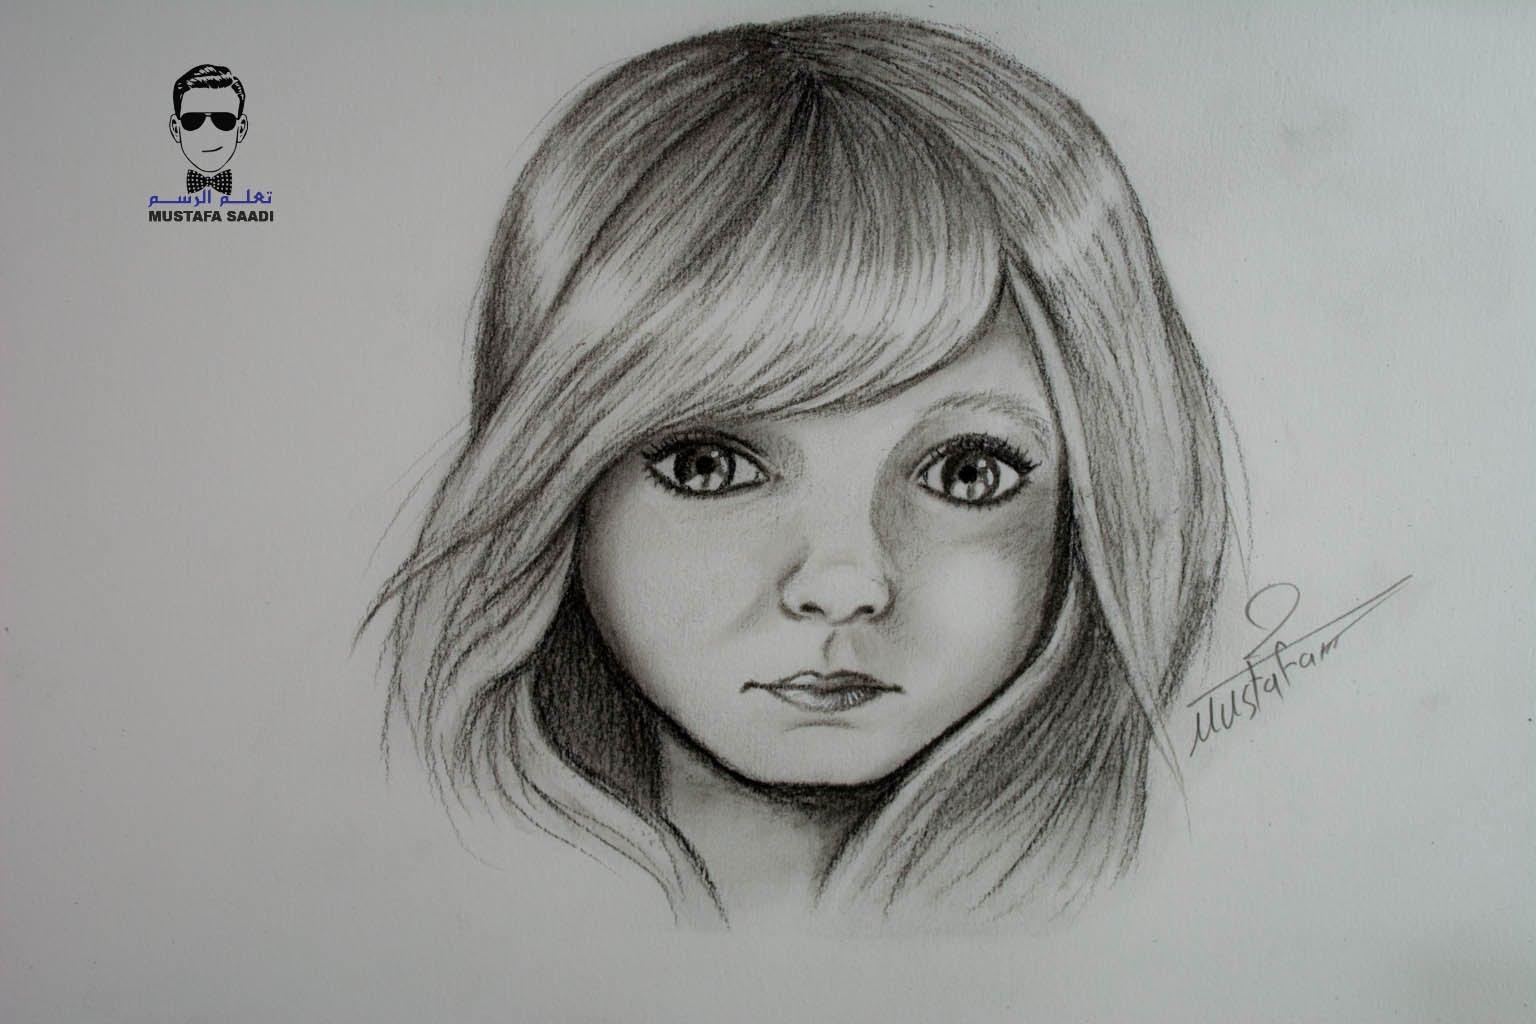 بالصور رسومات بنات جميلة , اجمل صور مرسومة للبنات 4825 8